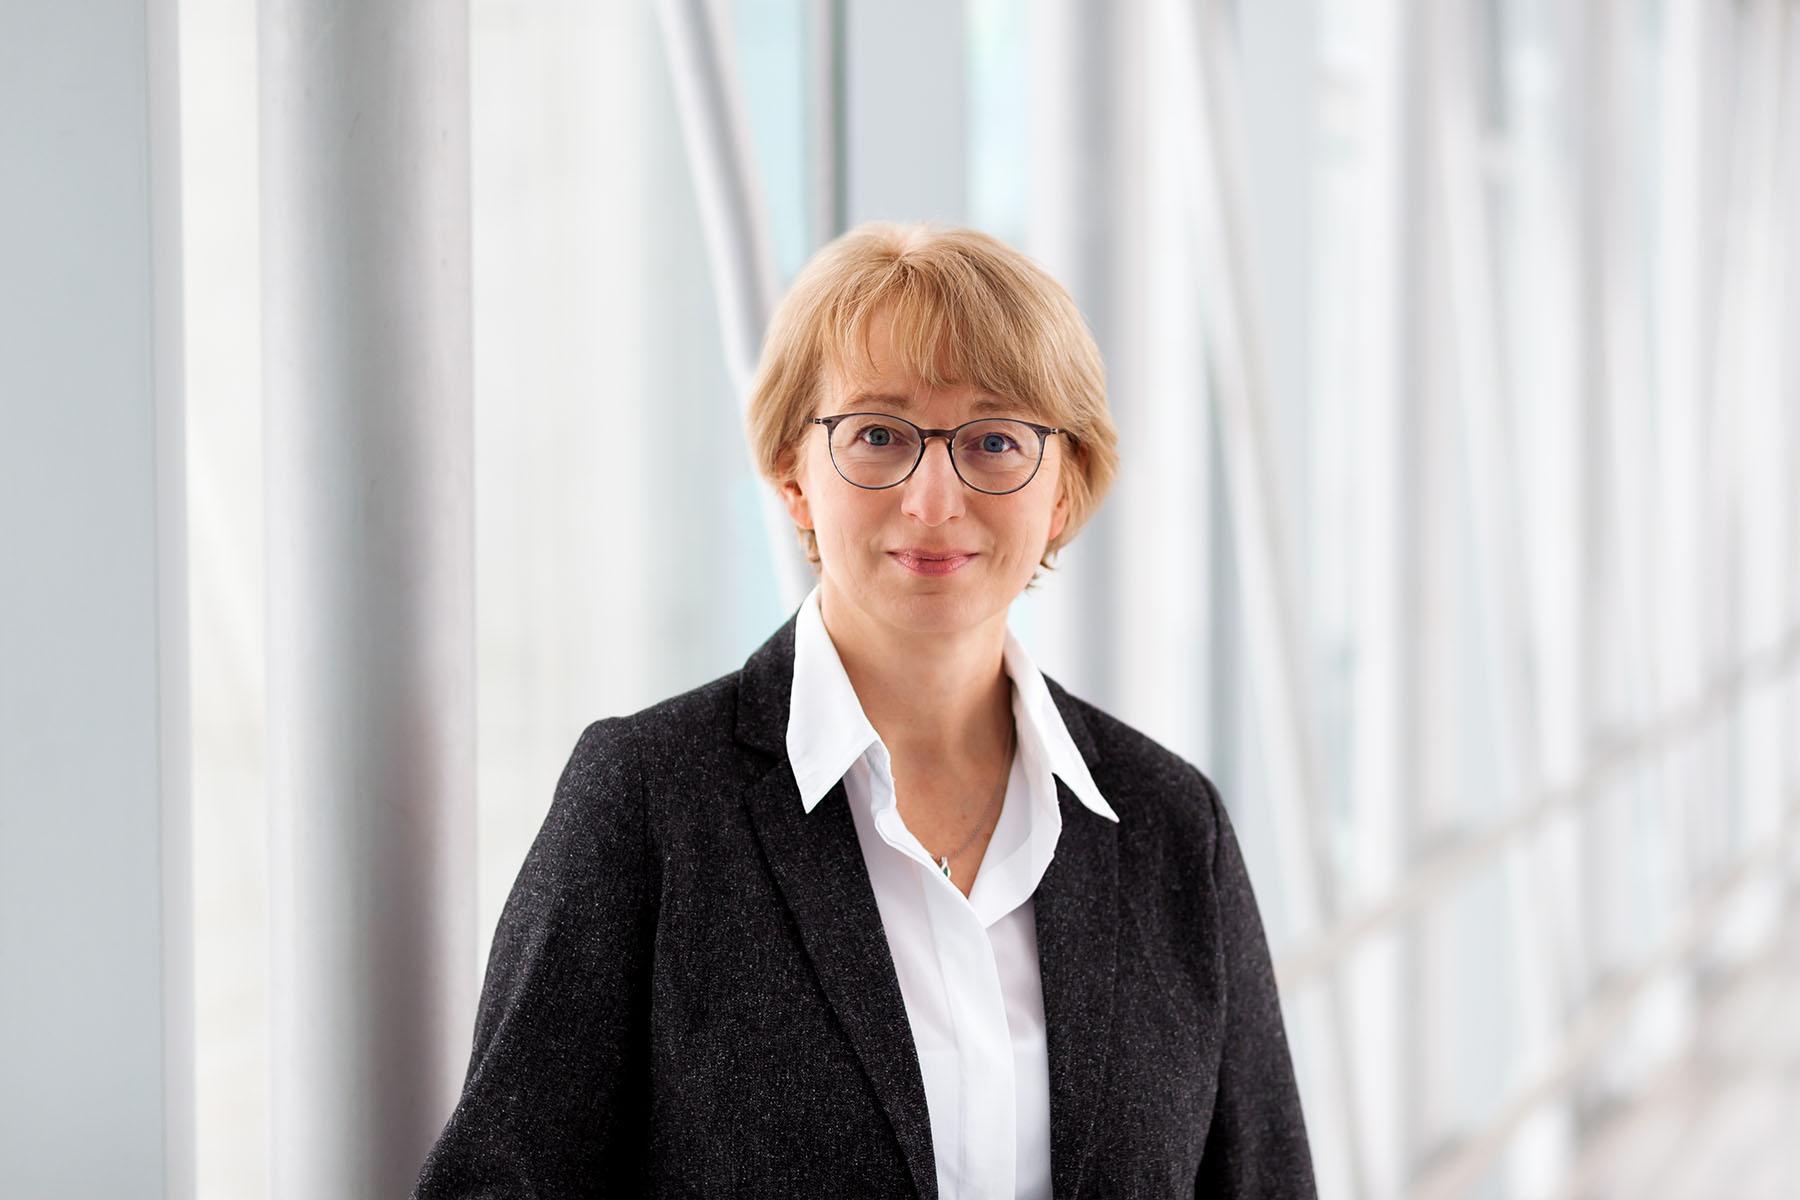 Prof. Dr. Constanze Seidenbecher